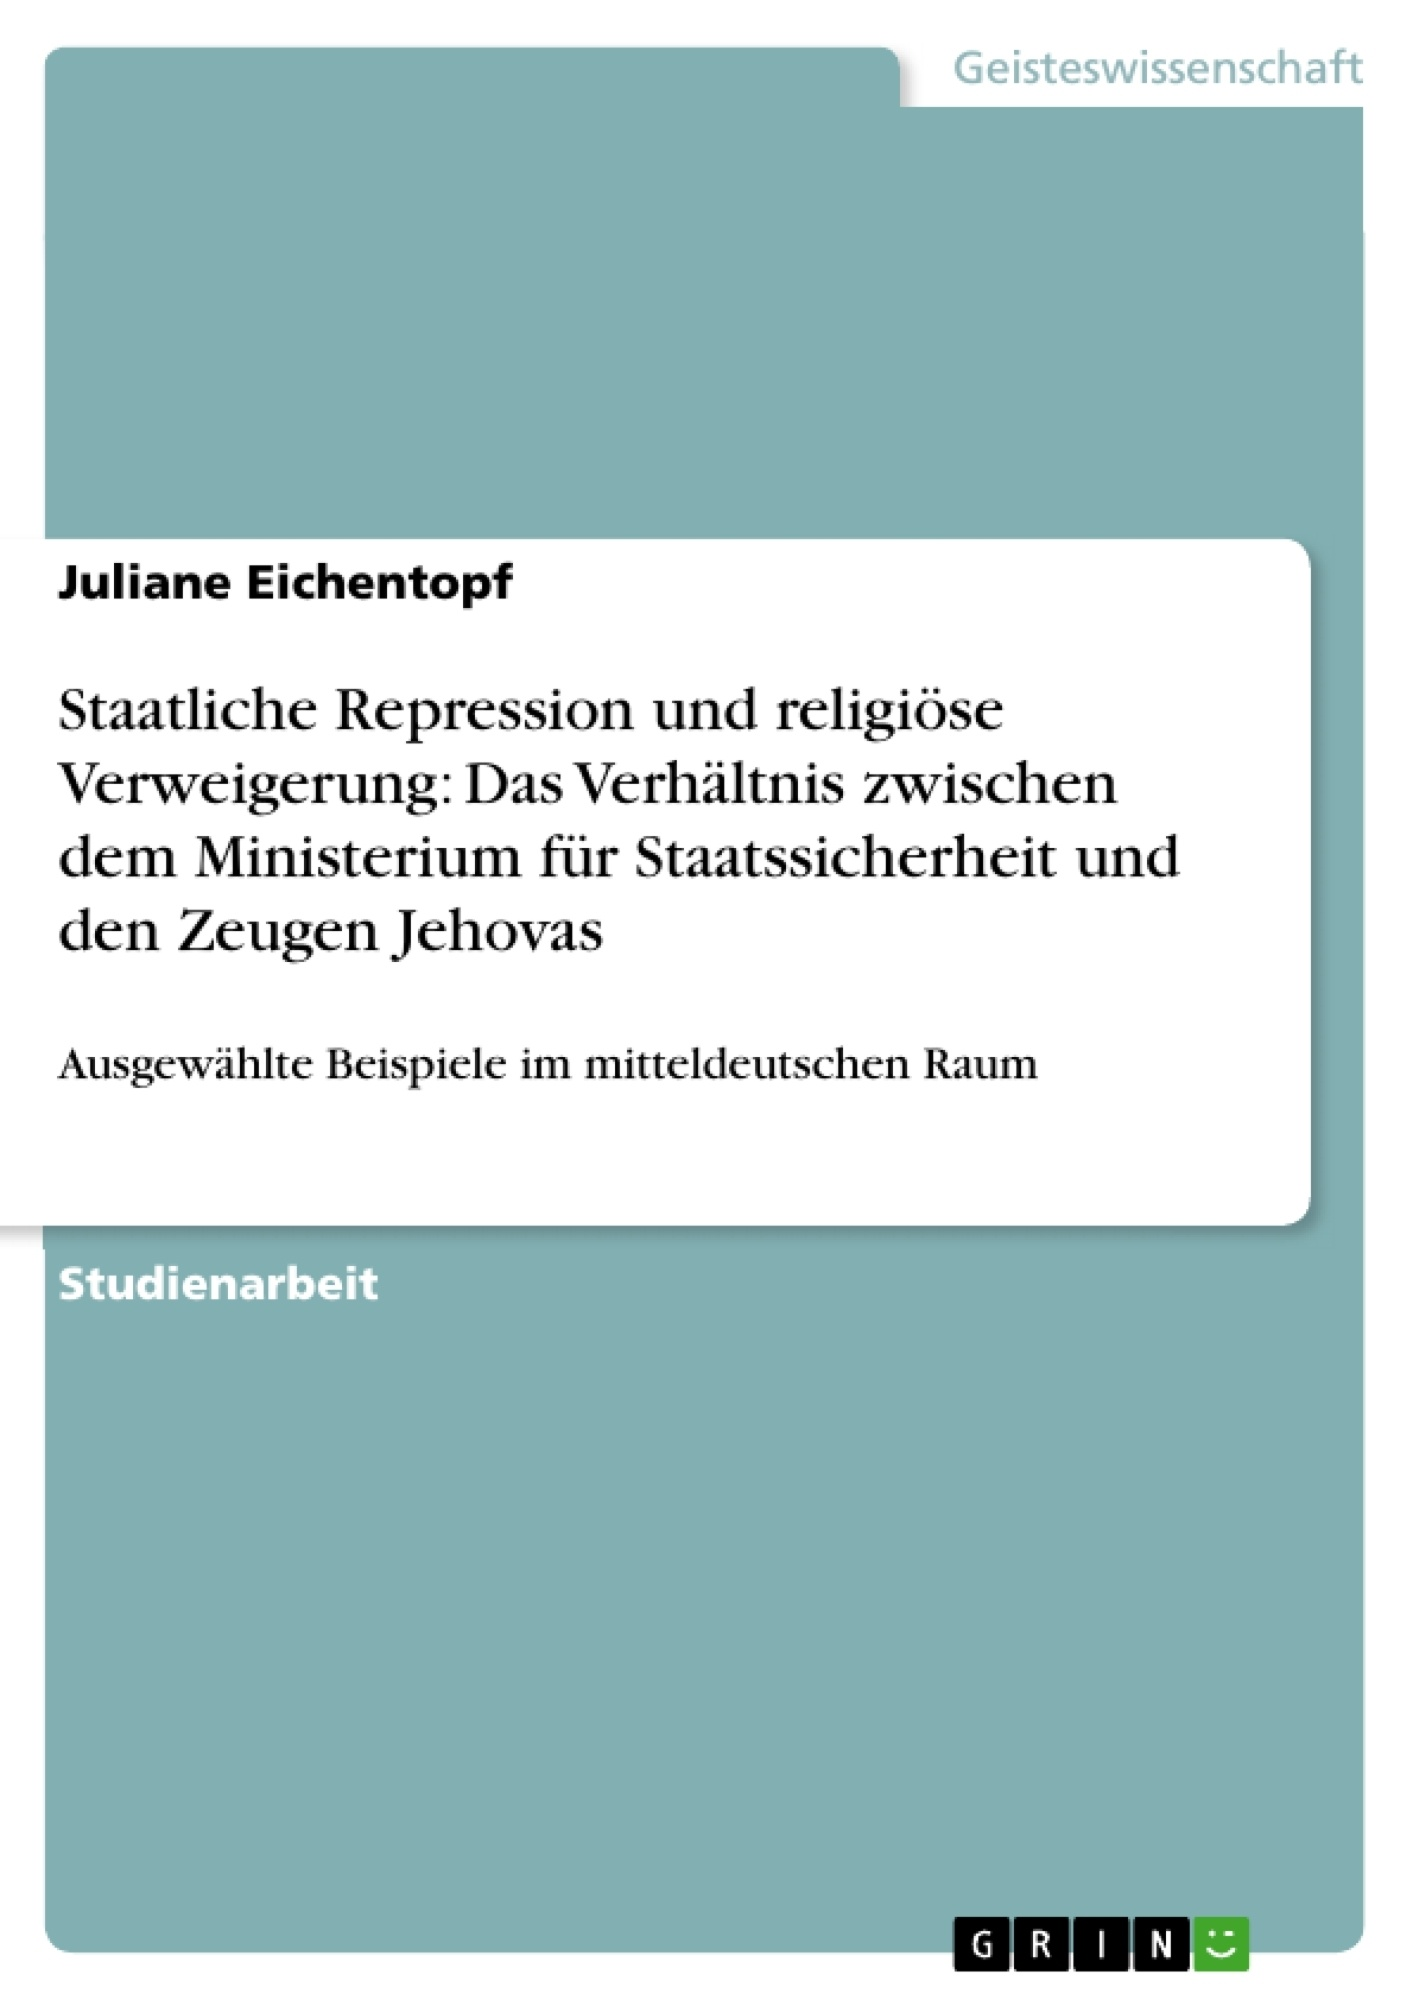 Titel: Staatliche Repression und religiöse Verweigerung: Das Verhältnis zwischen dem Ministerium für Staatssicherheit und den Zeugen Jehovas